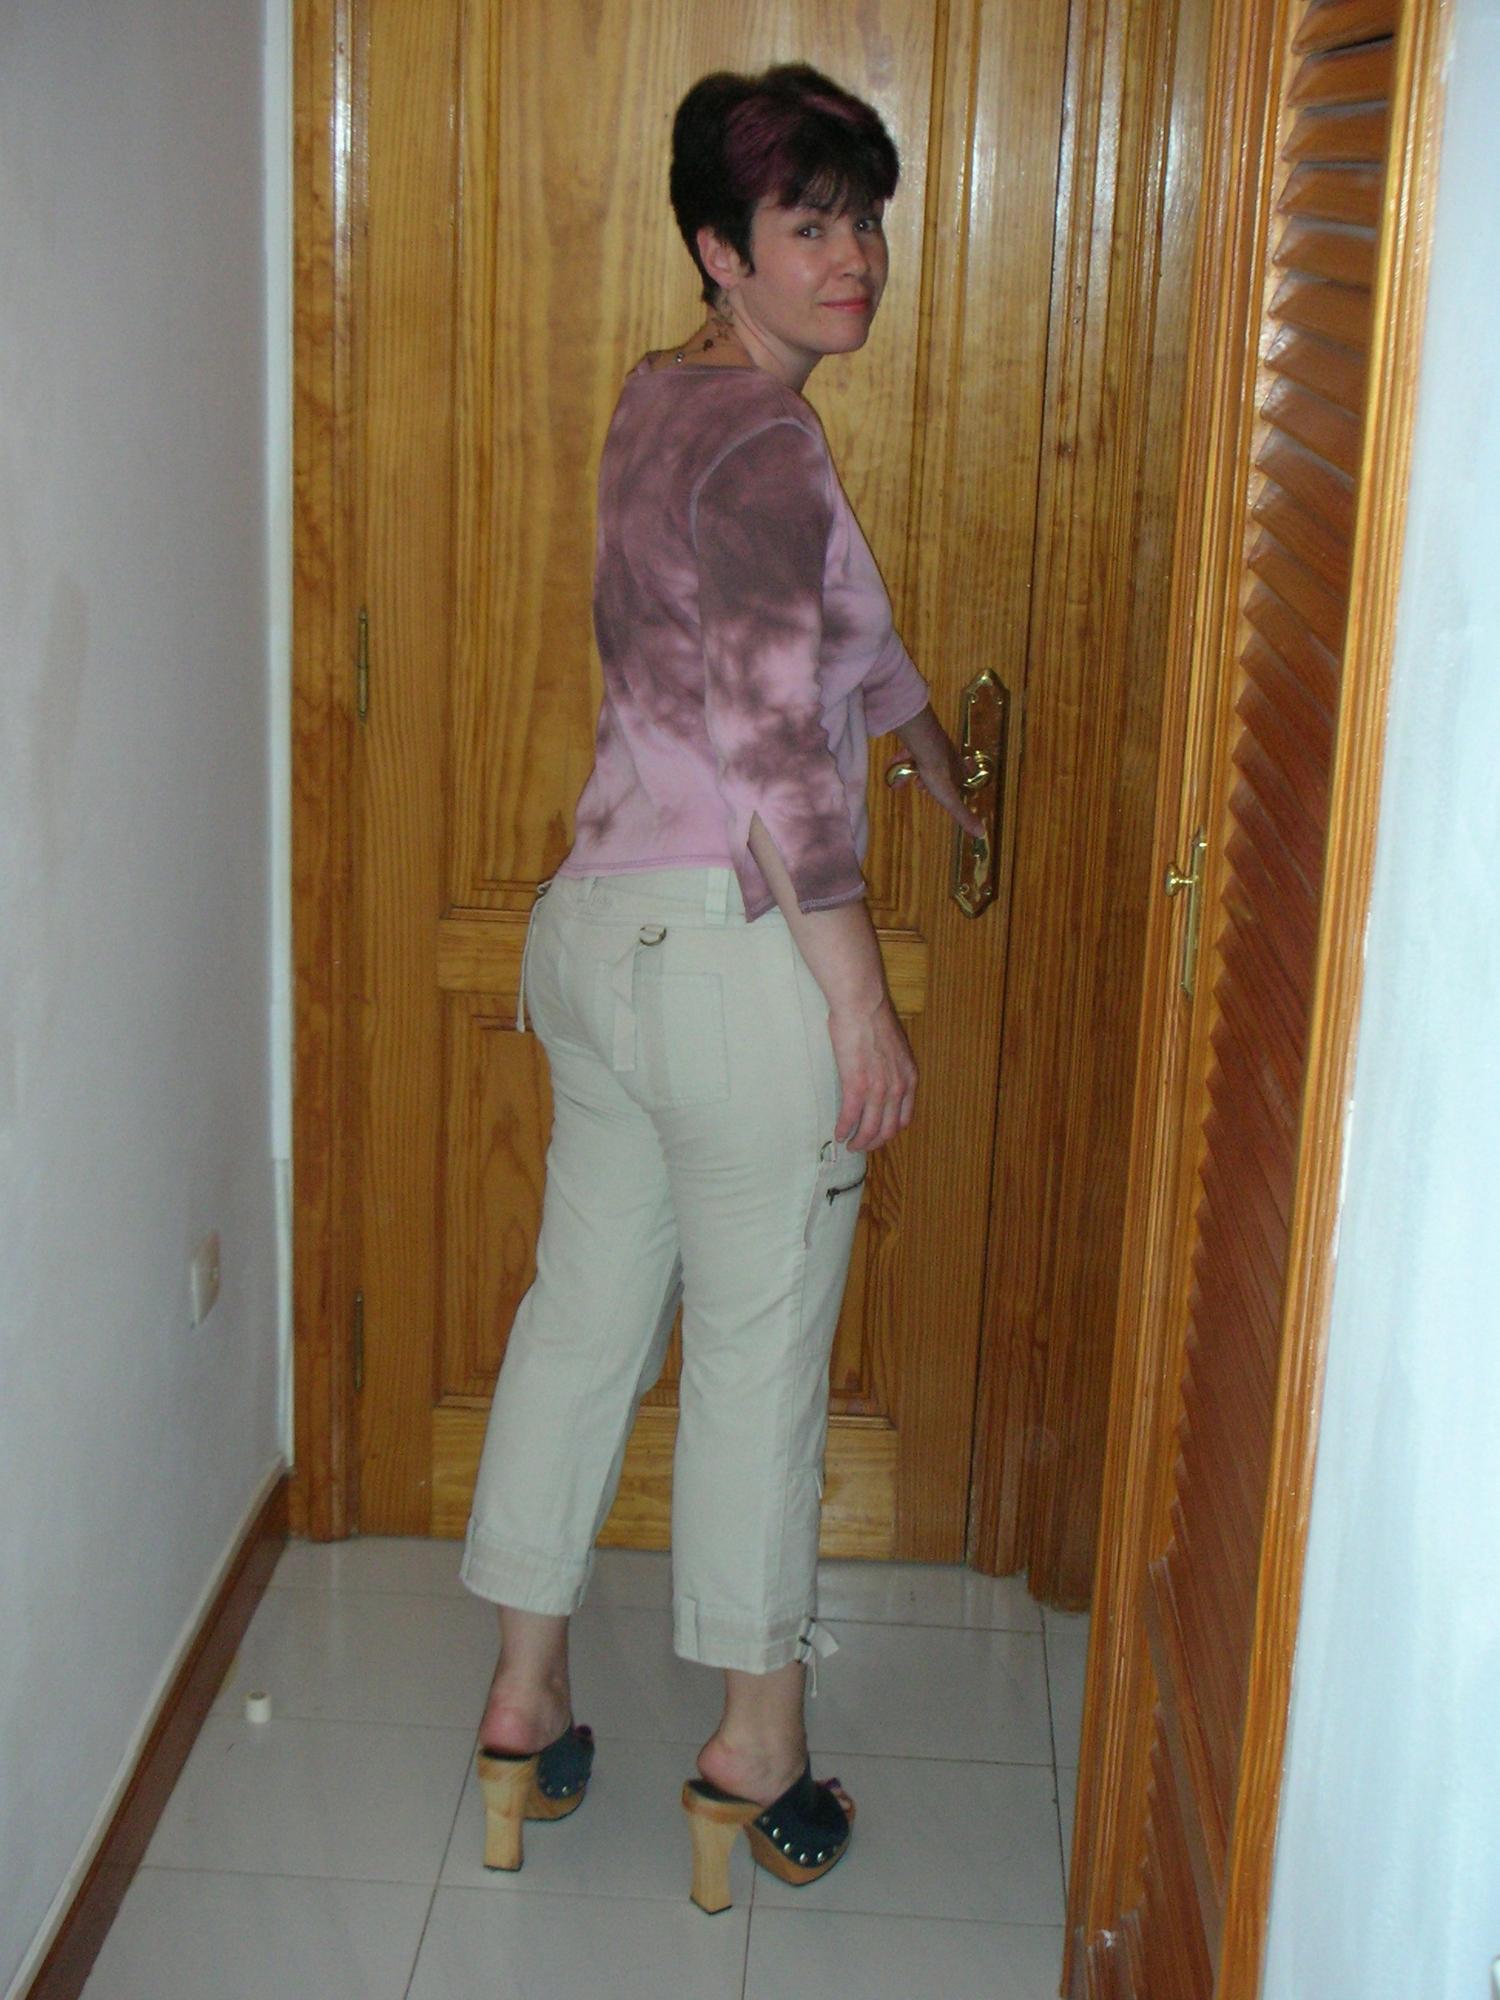 Зрелая тетка показывает дома натуральные титьки и волосатый лобок